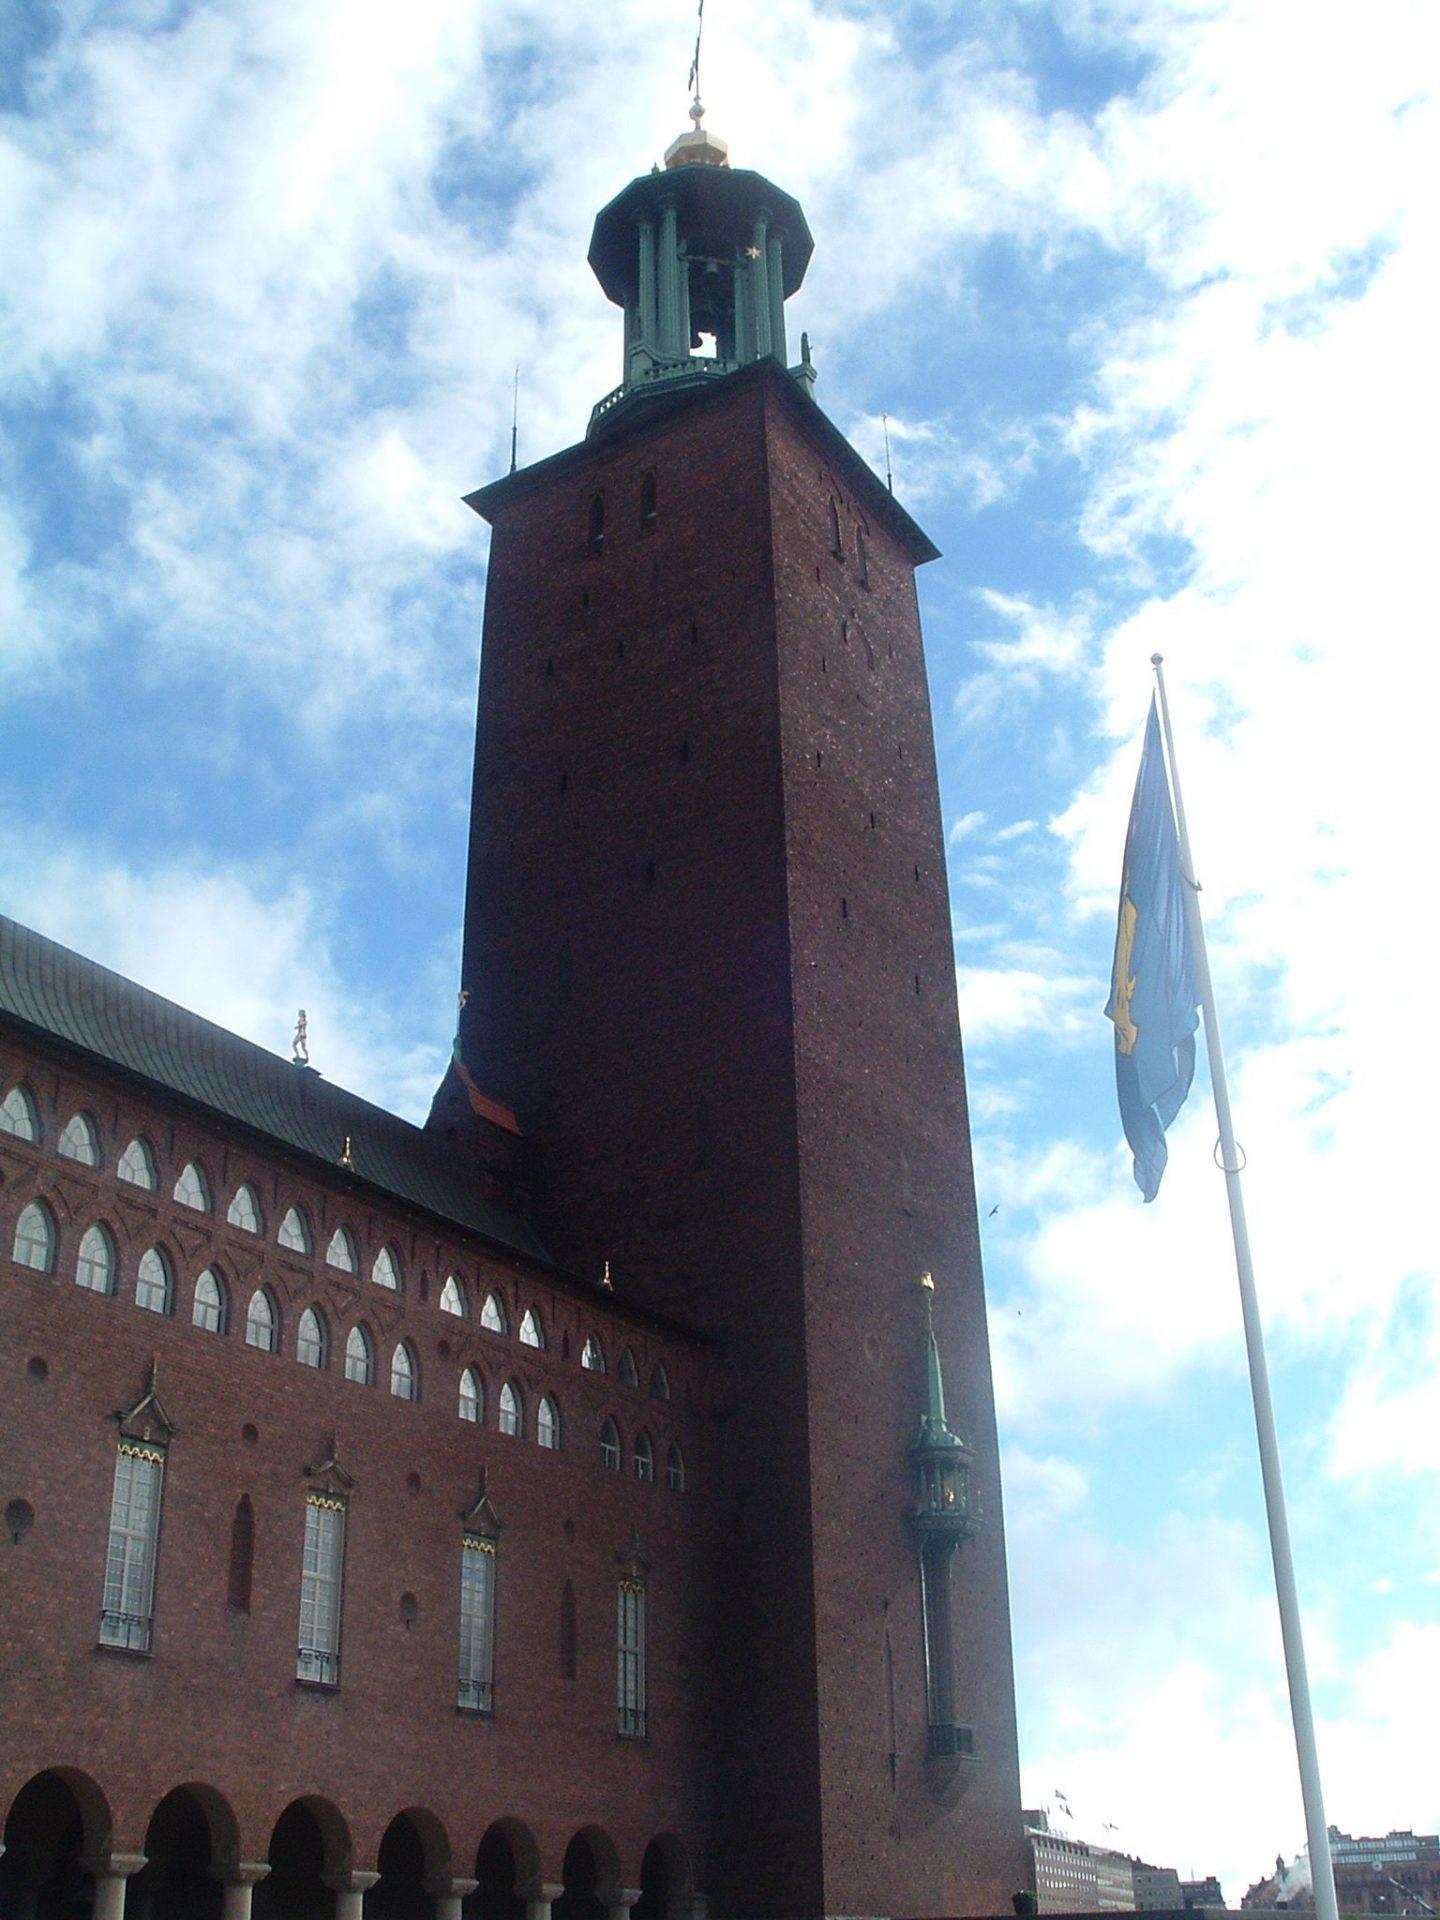 Стокгольмская ратуша, Стокгольм, Швеция. Июль, 2005